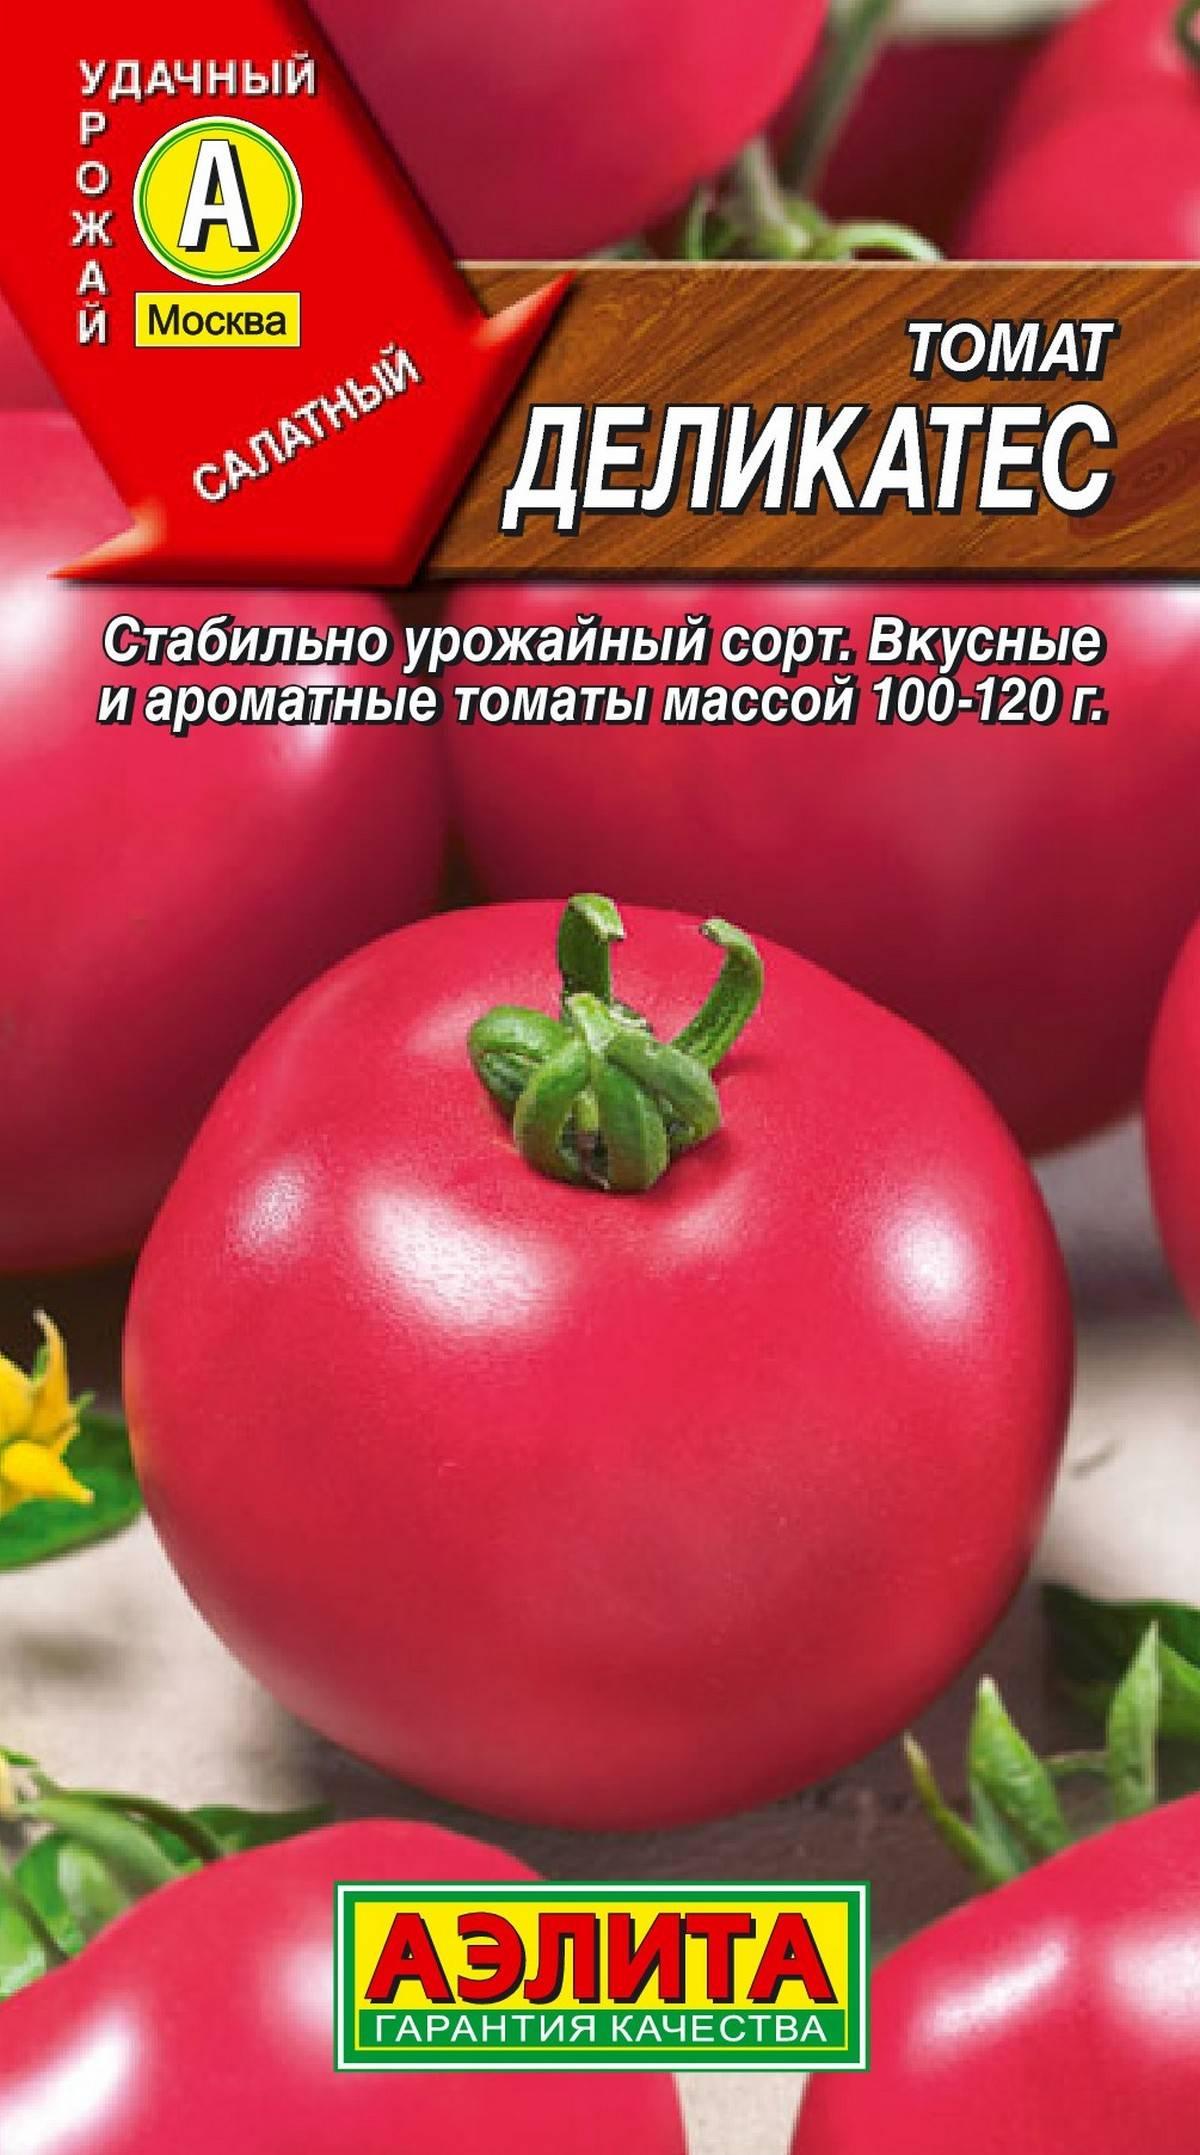 Характеристика и описание сорта томата московский скороспелый, его урожайность